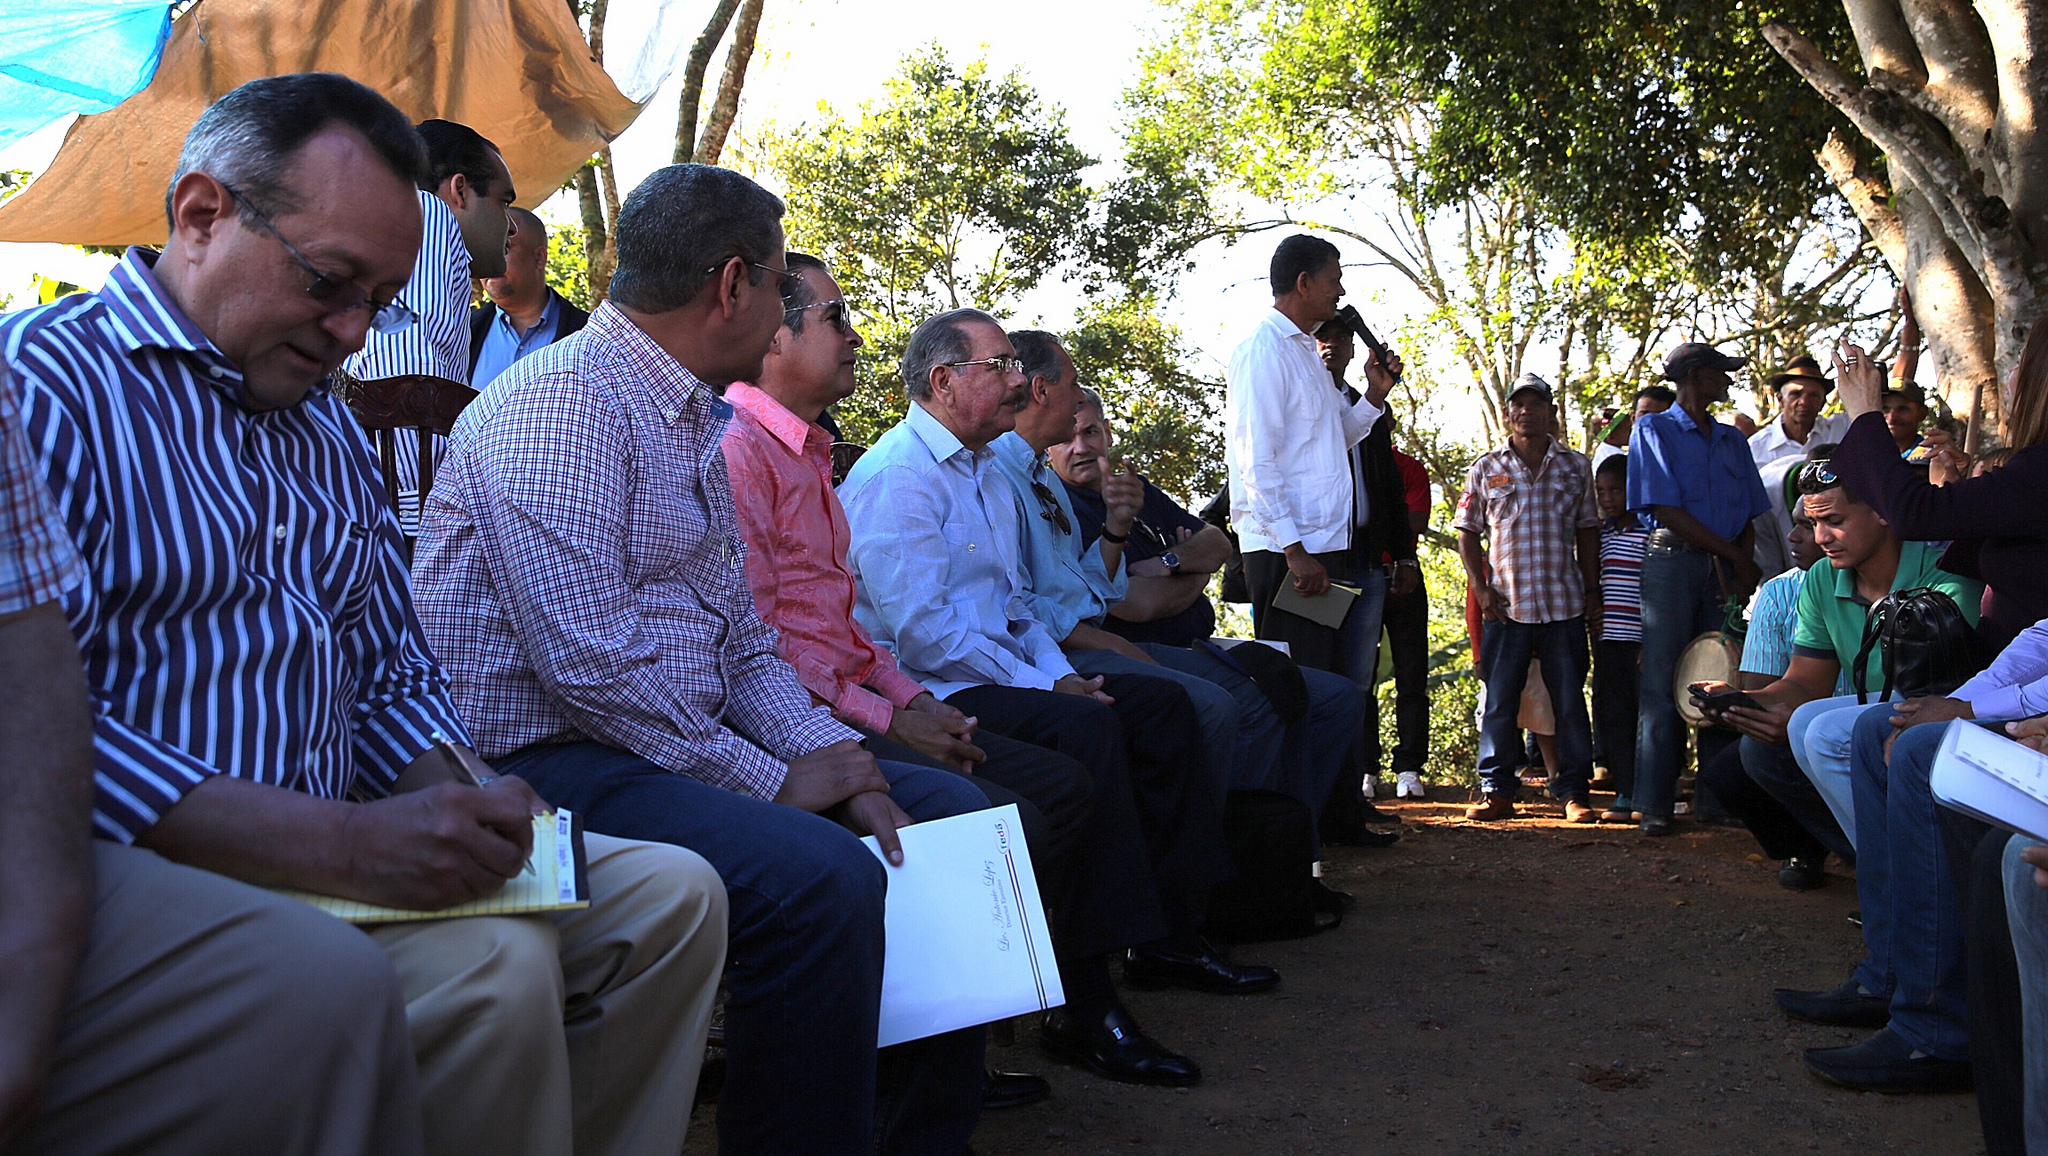 La renovación abarca unas 8,000 tareas de café. El proyecto será analizado el miércoles 4 de febrero a las 10:00 de la mañana por el Ministerio de Agricultura, Codocafé y la directiva de Asocalta./elDinero